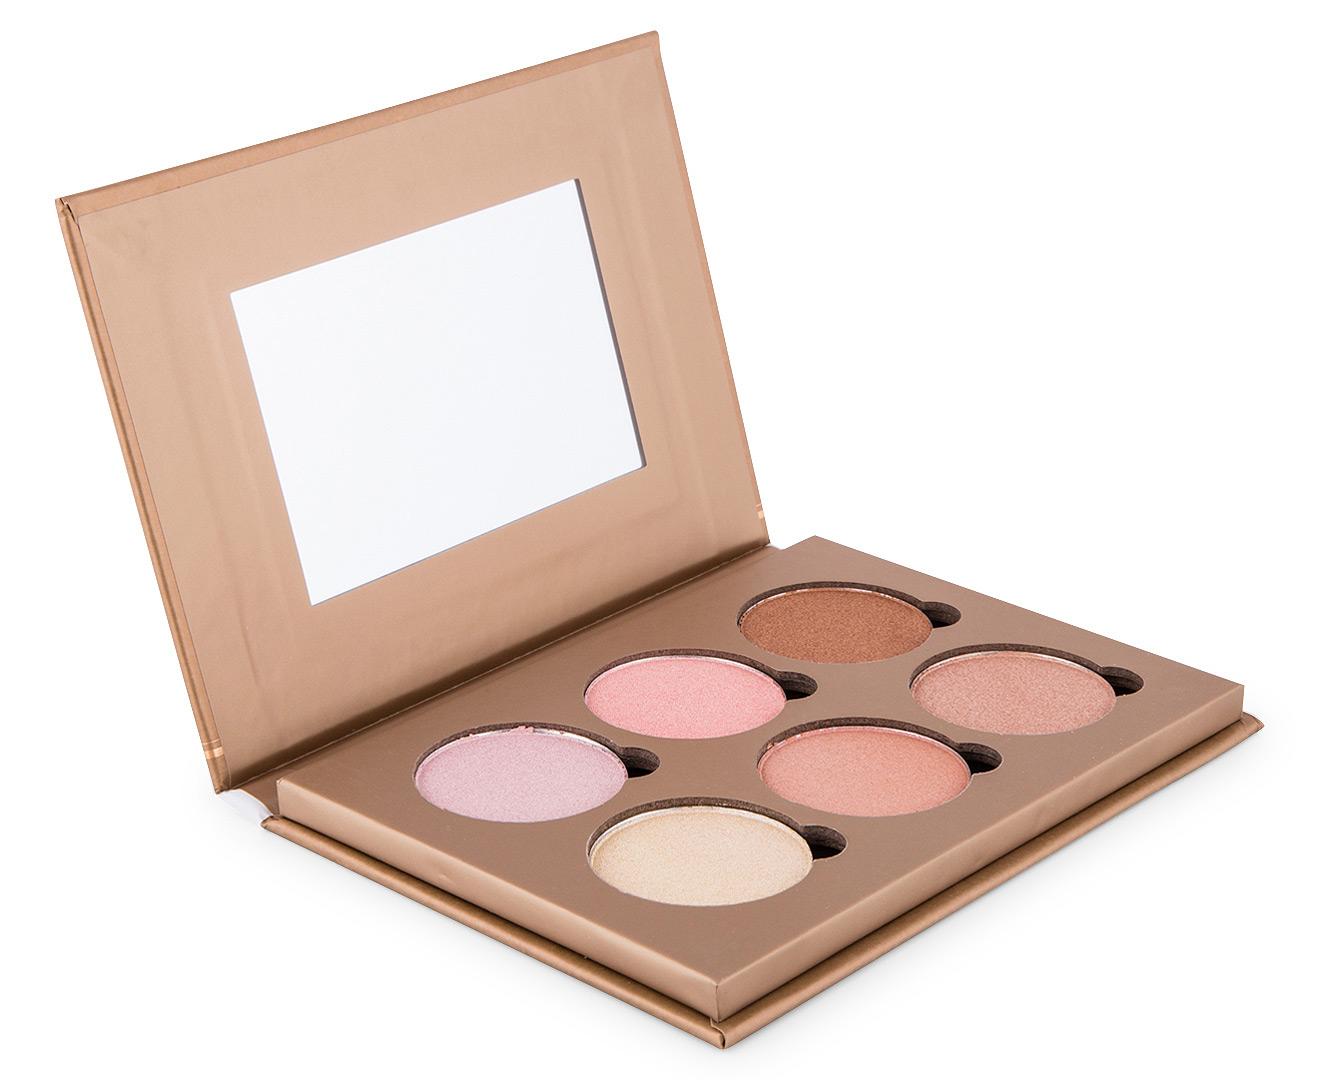 Αποτέλεσμα εικόνας για Bellapierre Cosmetics Glowing Palette